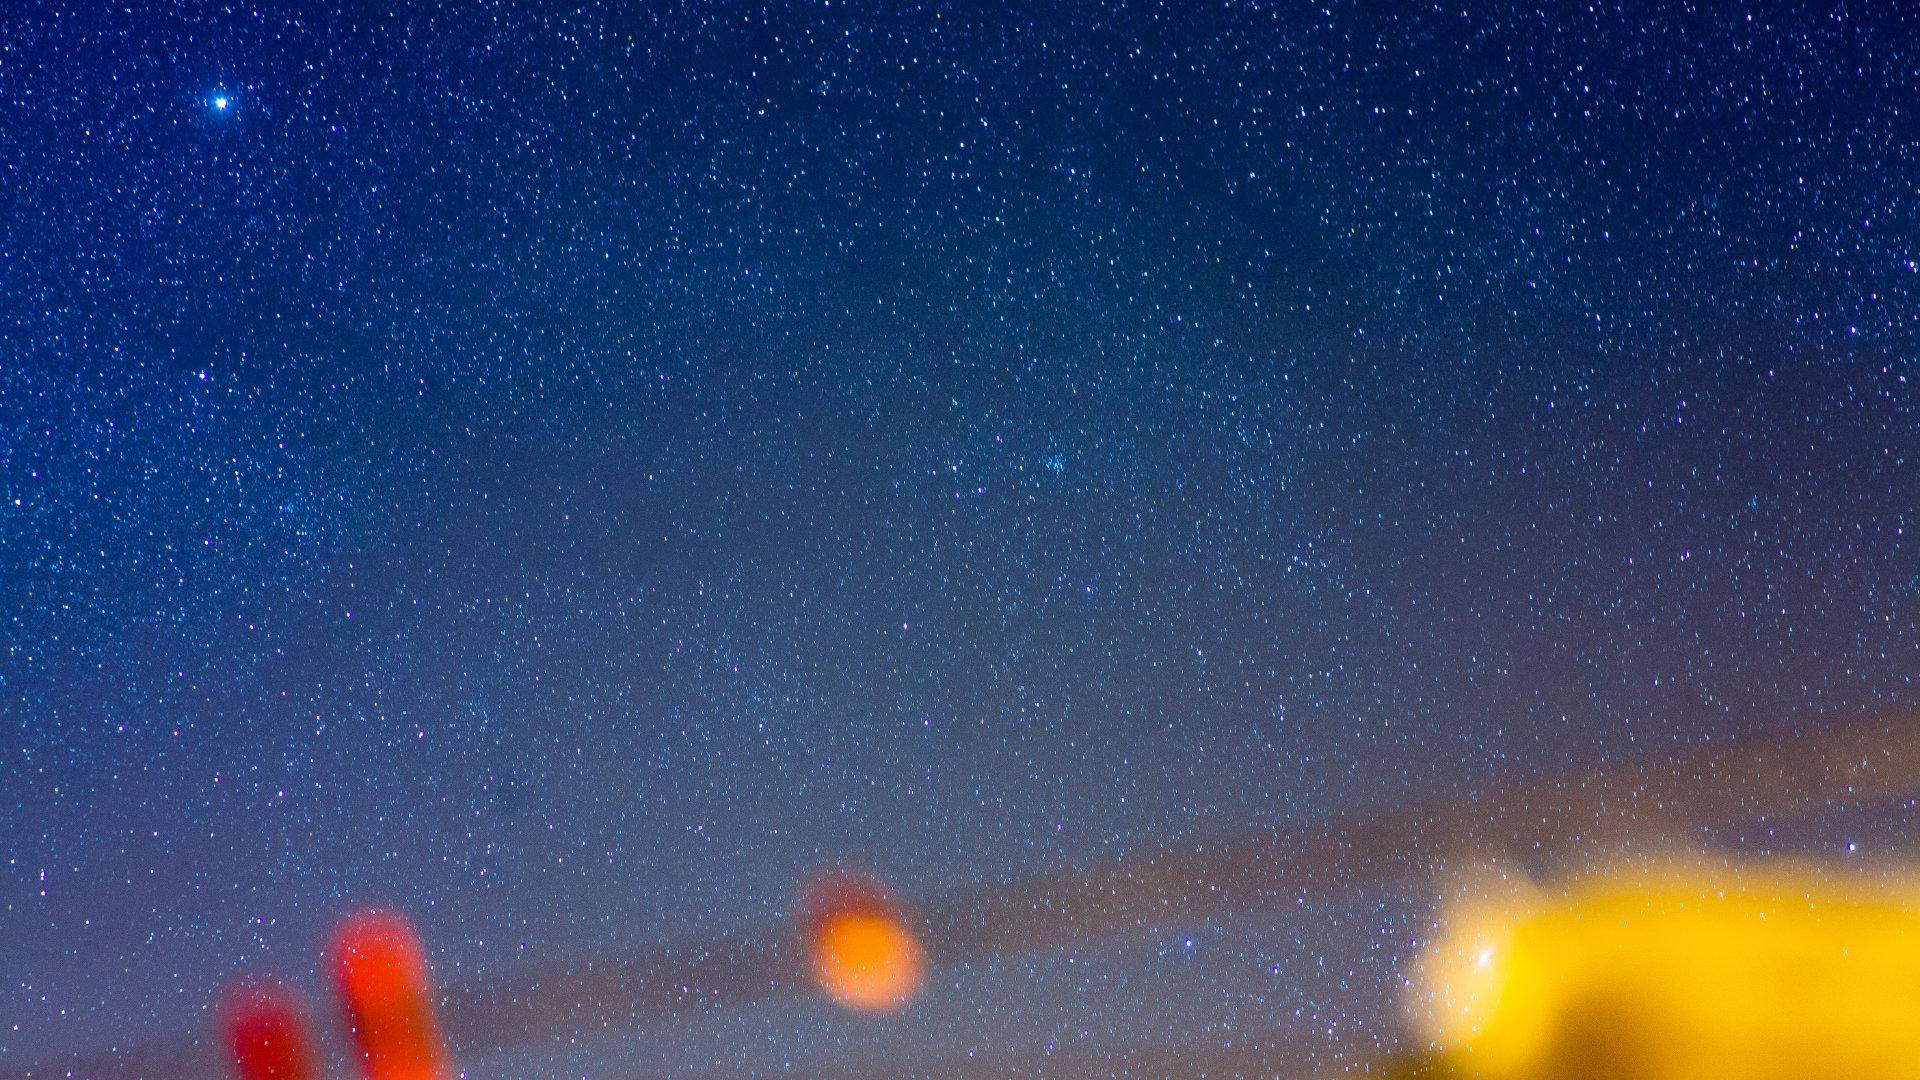 Mercure, Lune, étoiles filantes: que voir dans le ciel en janvier 2021?